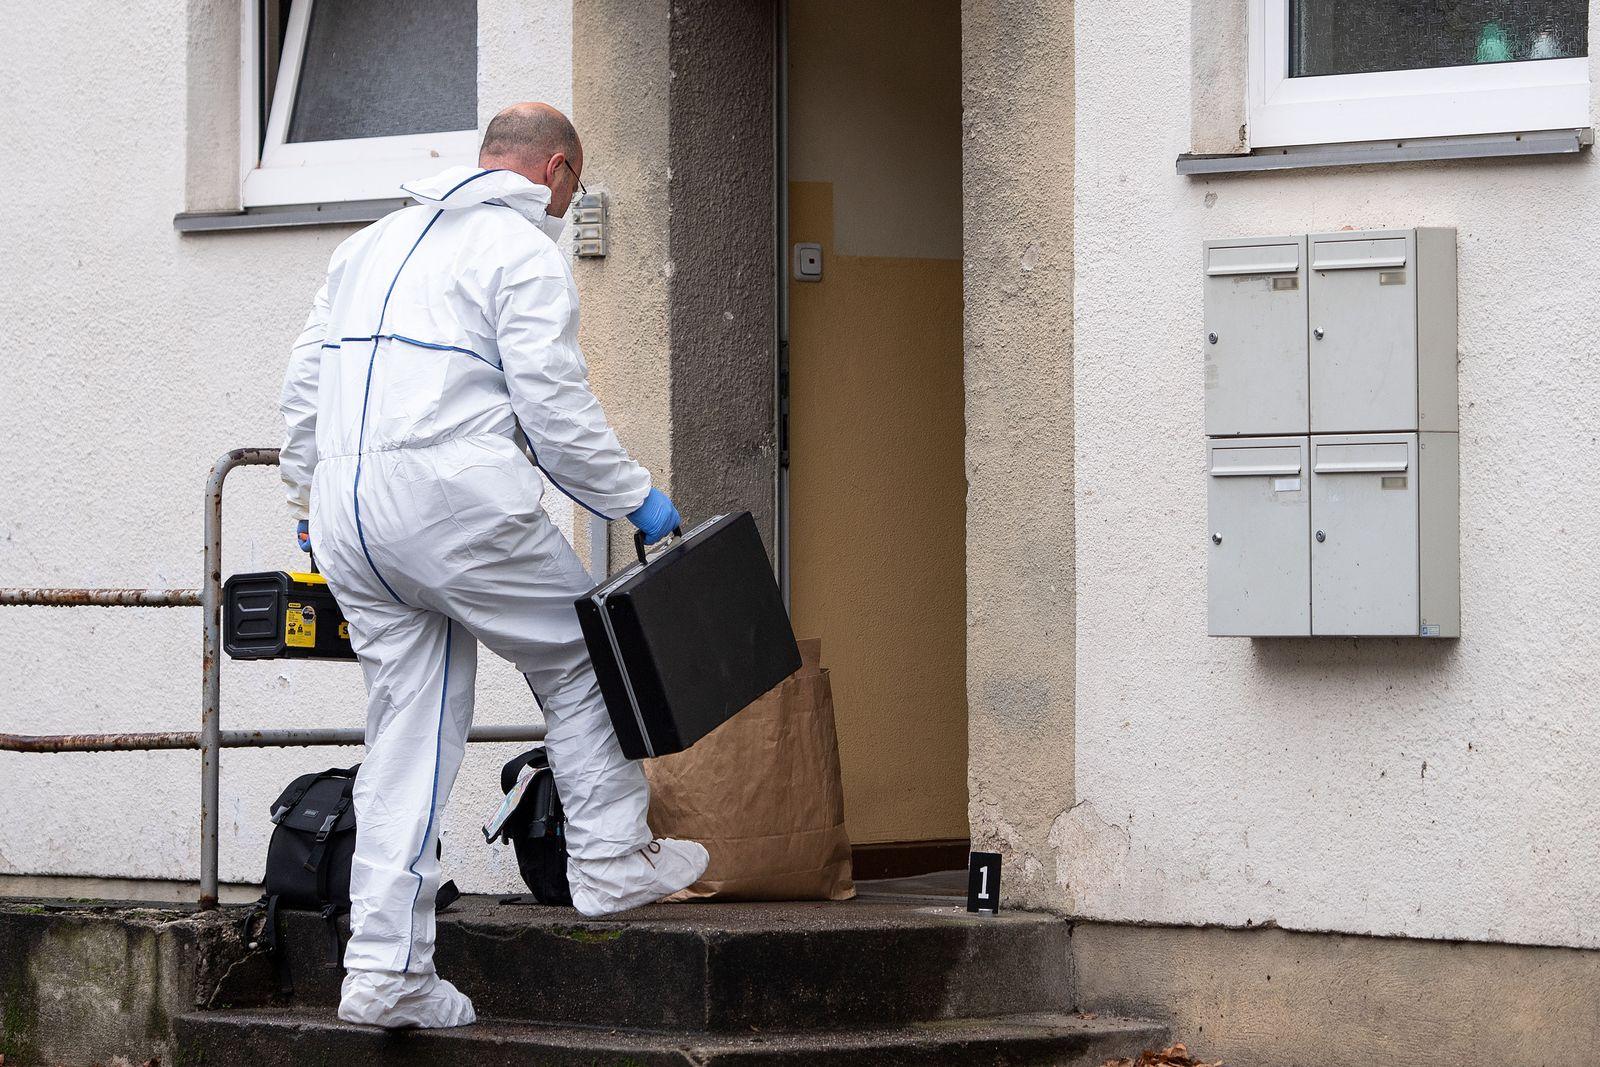 Hausbewohner sticht auf Stadt-Mitarbeiter ein - Ein Toter